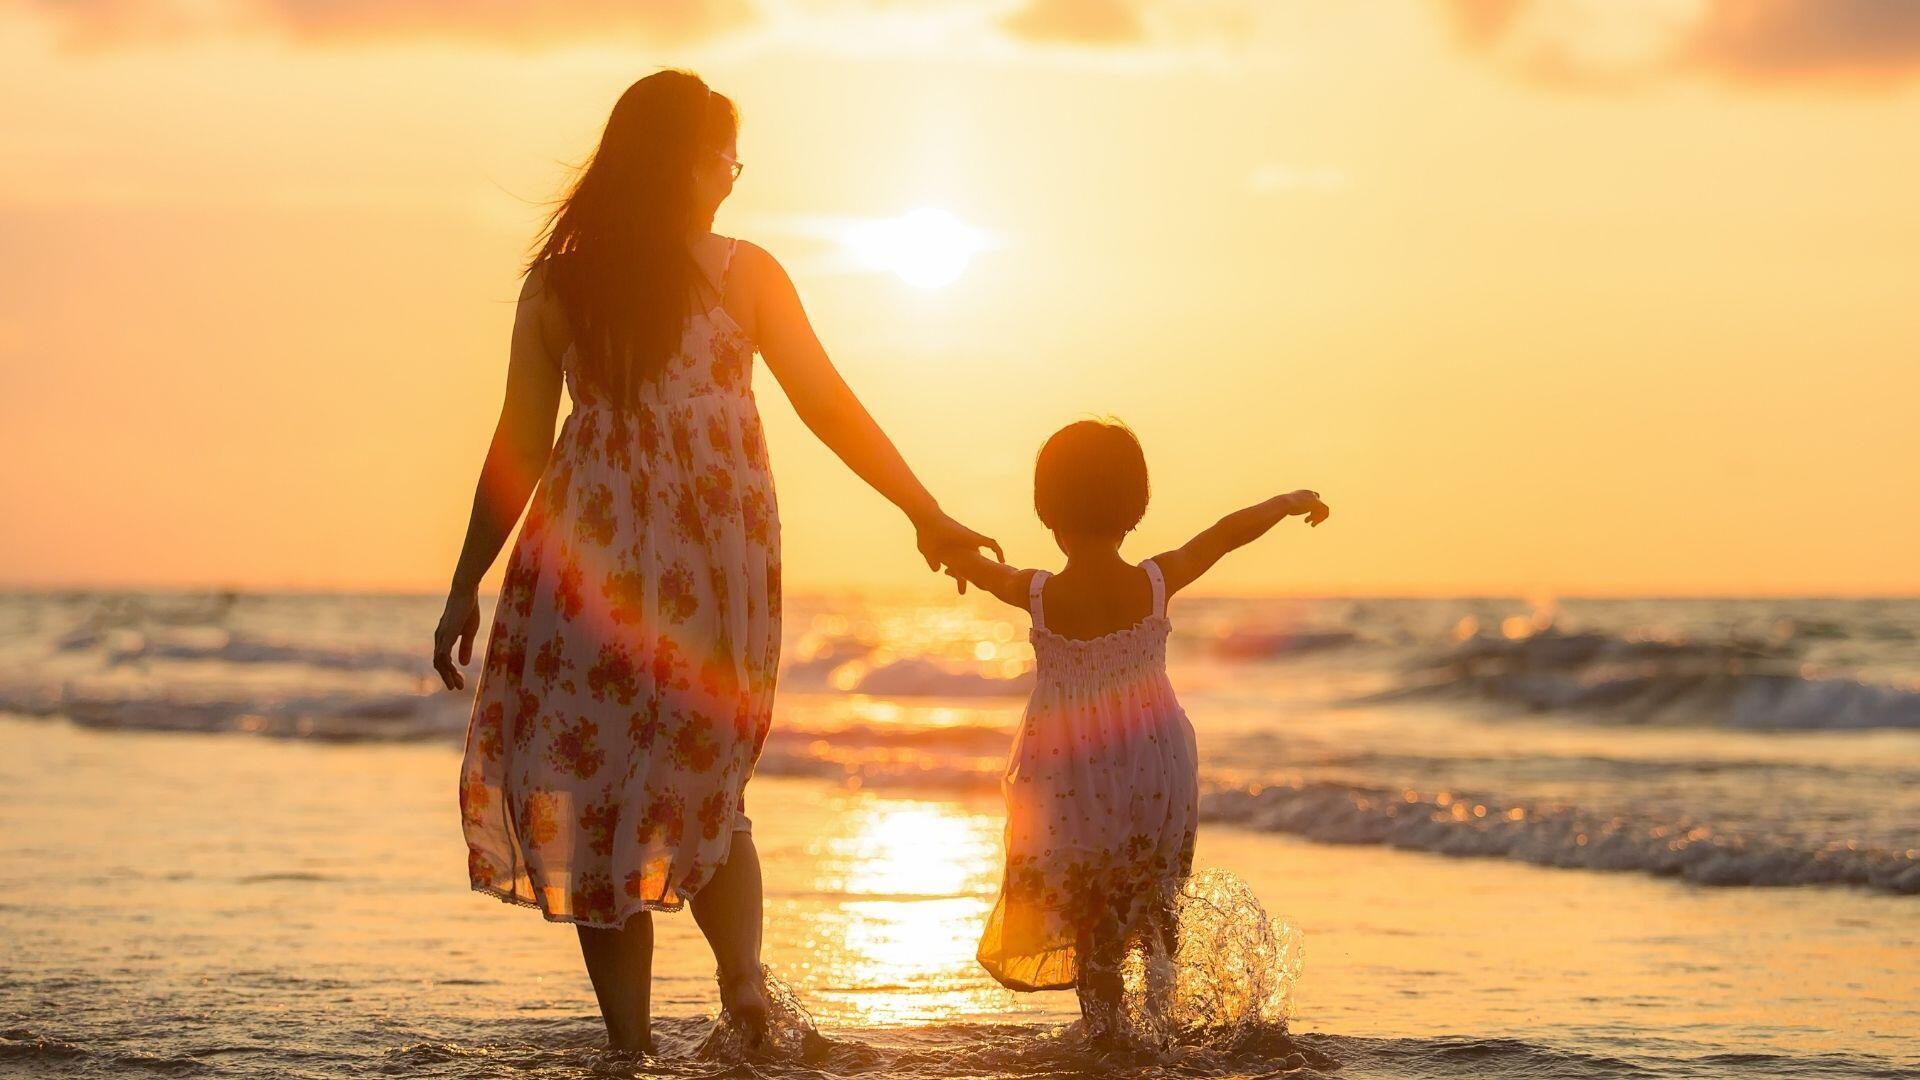 jak nadopiekunczosc rodzicielska wplywa na roznice miedzyplciowe